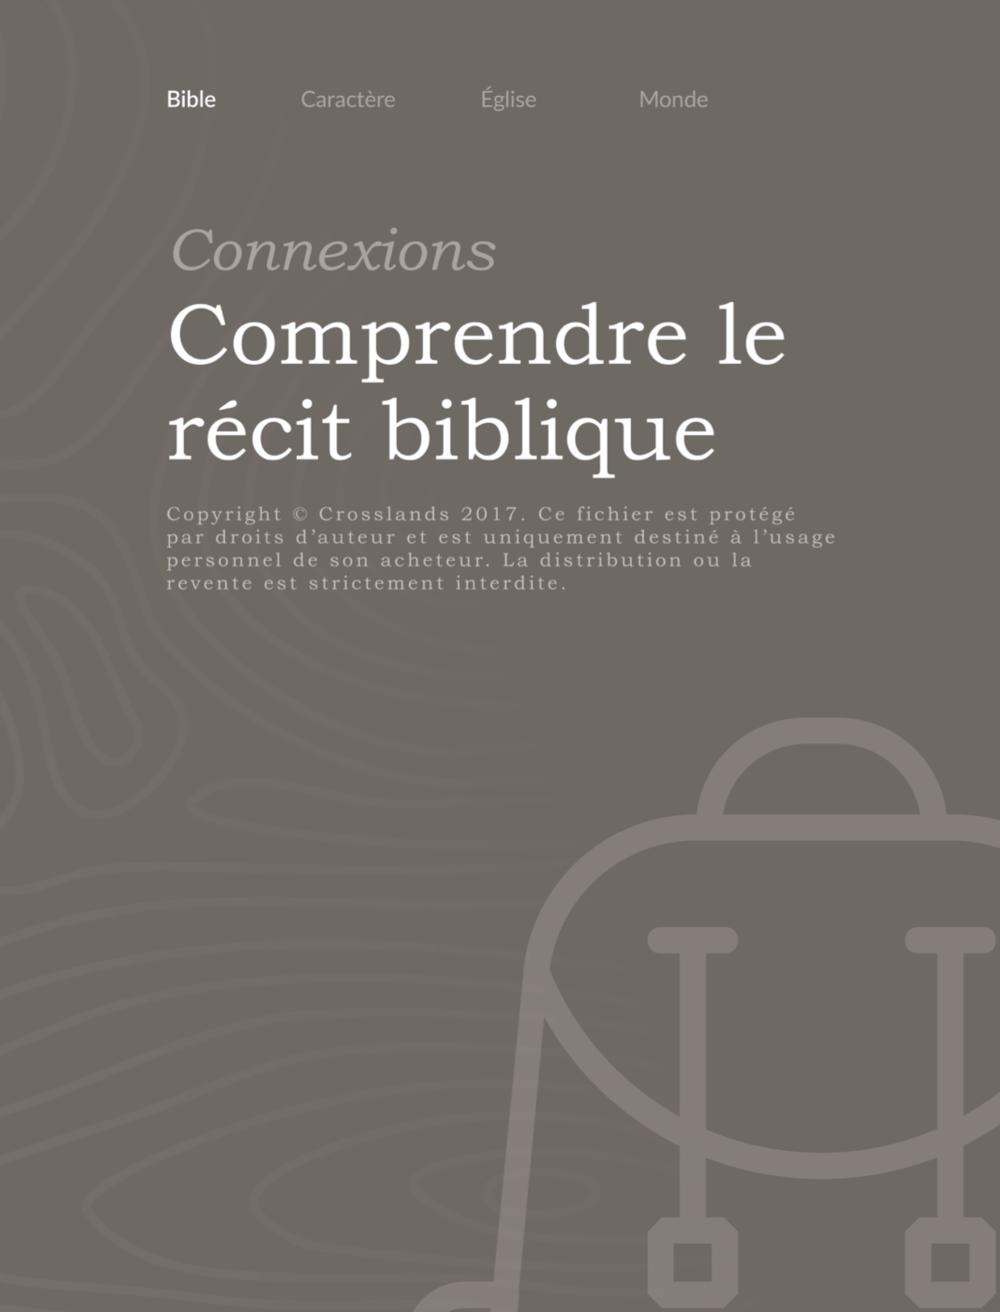 Connexions_Comprendre le récit biblique_sample_published.1.png